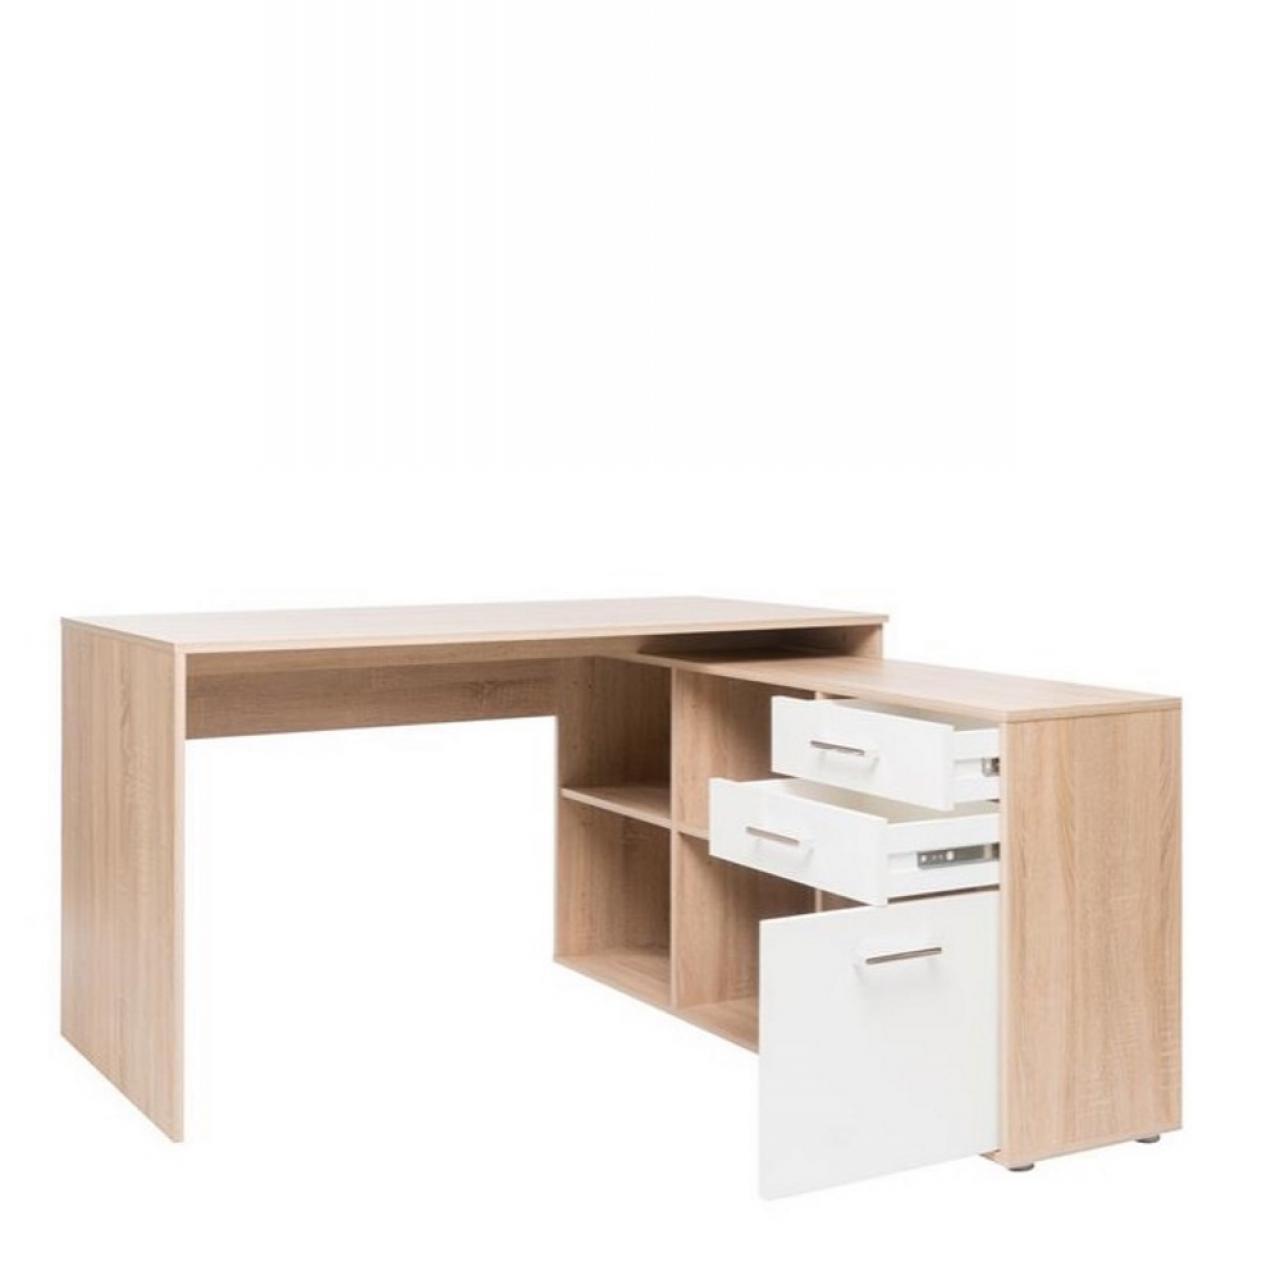 schreibtisch london wei sonoma eiche schreib computertische b ro m bel j hnichen. Black Bedroom Furniture Sets. Home Design Ideas